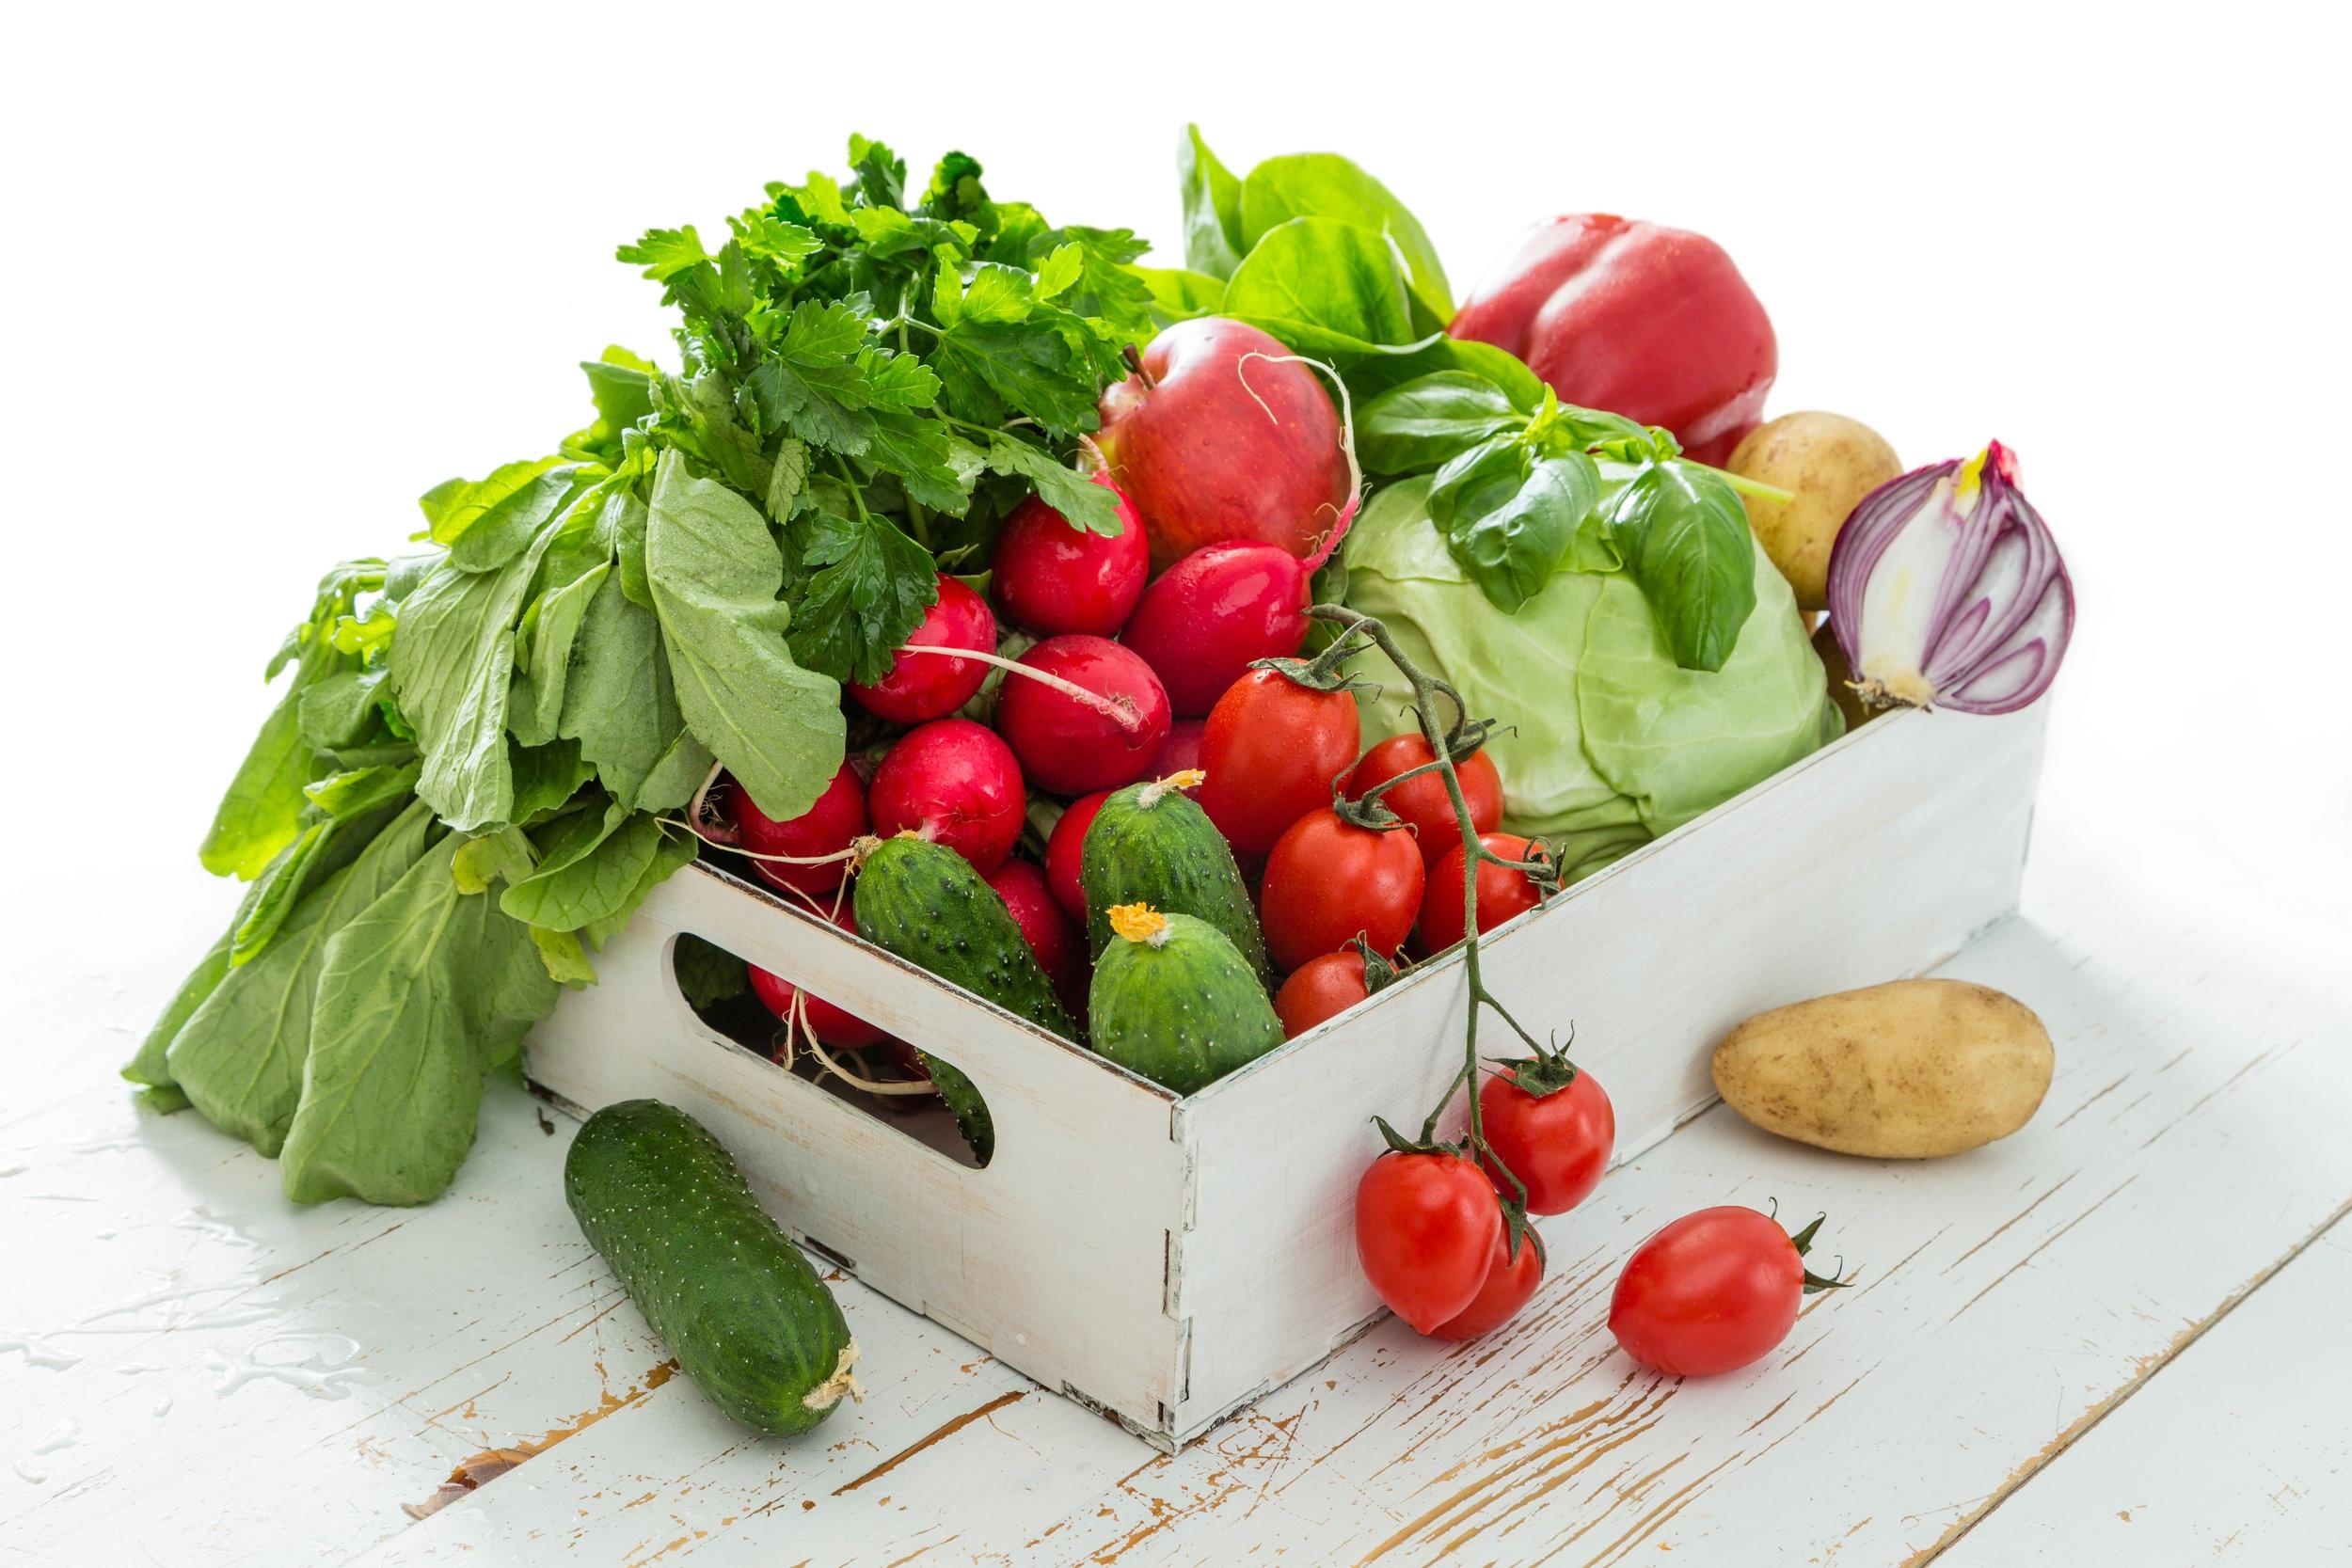 basket+of+veggies.jpg